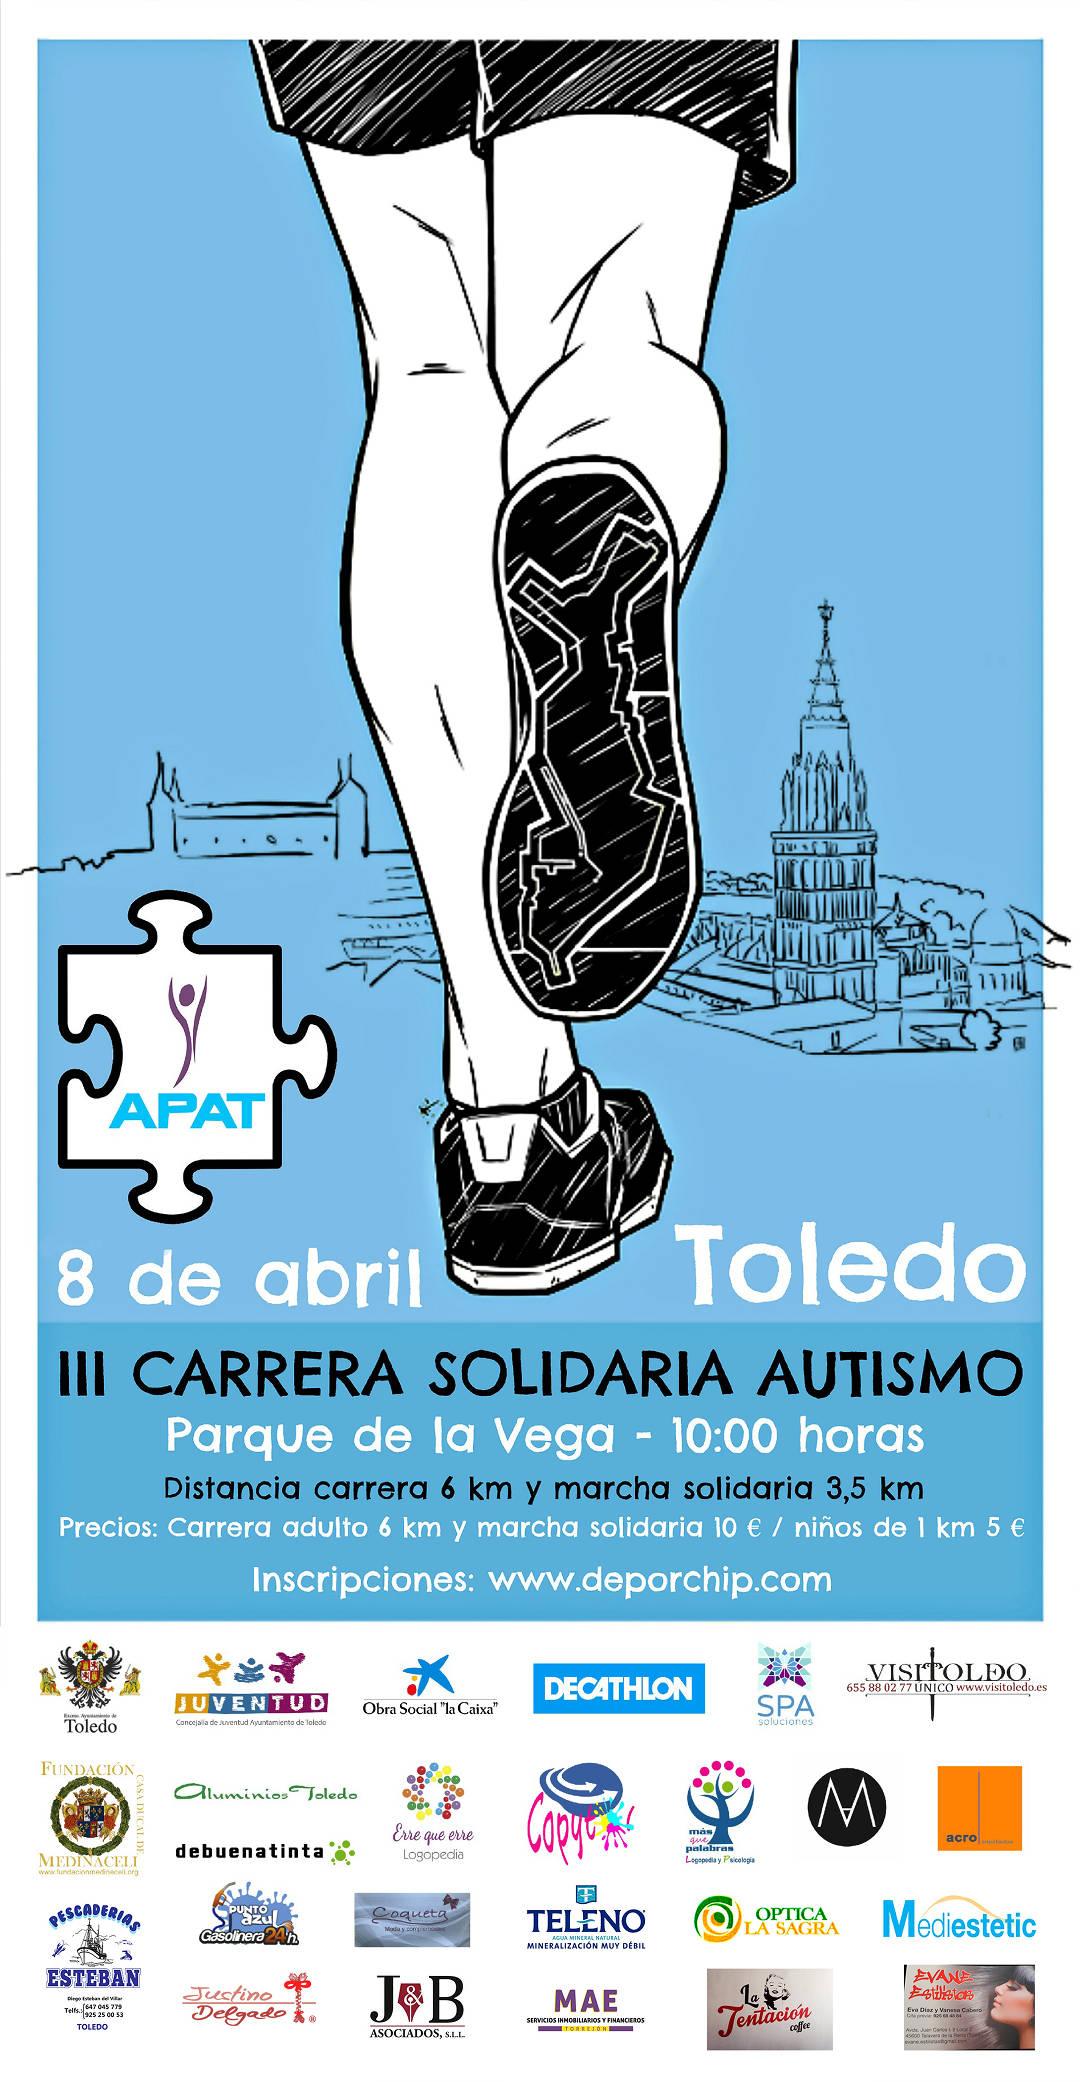 Cartel Carrera Solidaria Autismo Toledo 2018